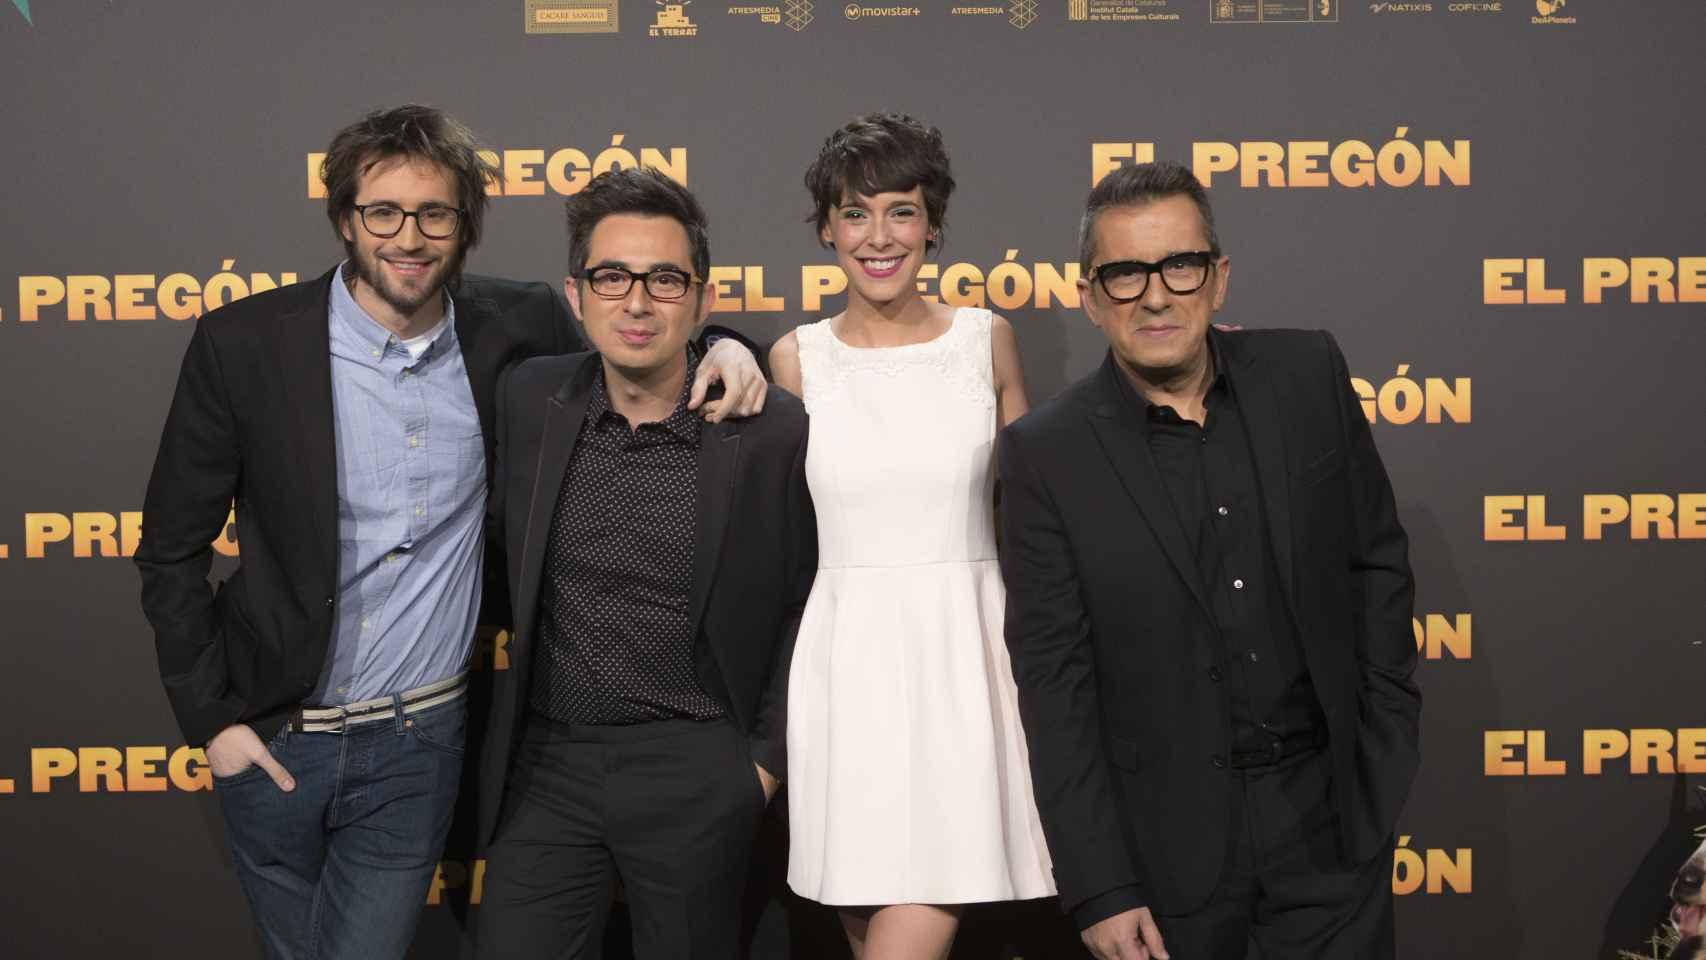 Dani de la Orden junto al equipo de El pregón.